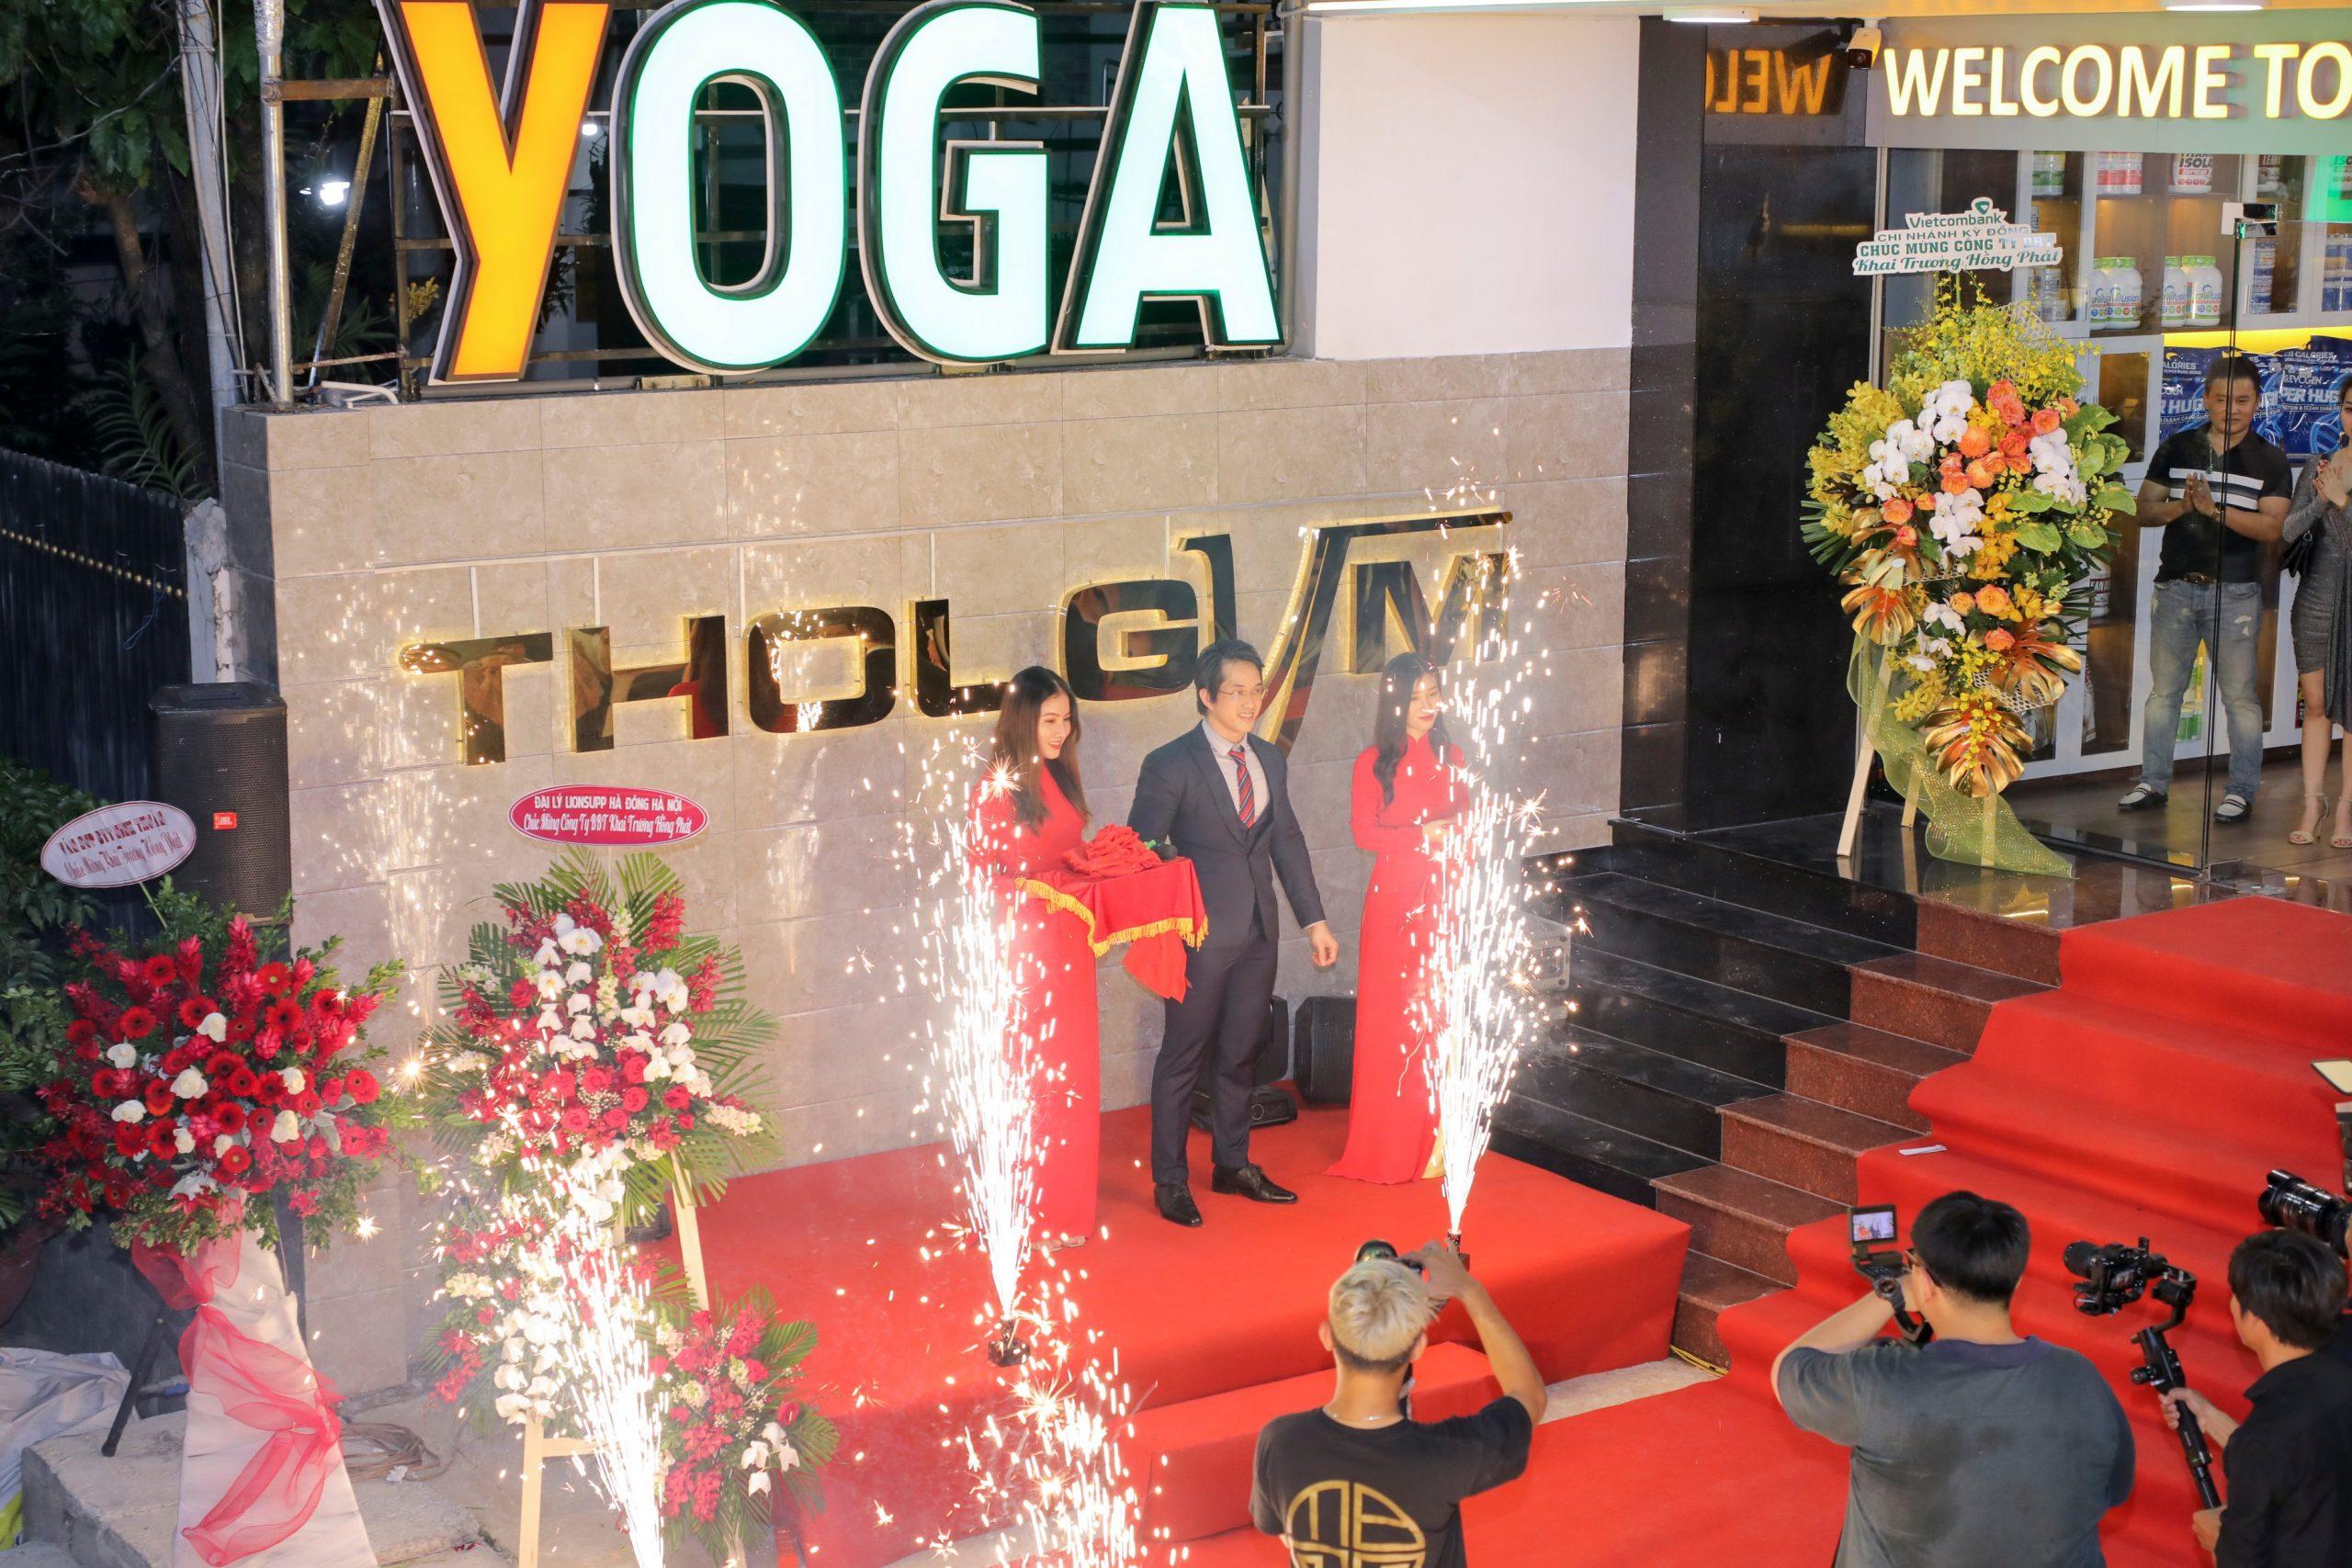 Ngày 20/10/2020, Thol Gym Center Quận 9 chính thức khai trương